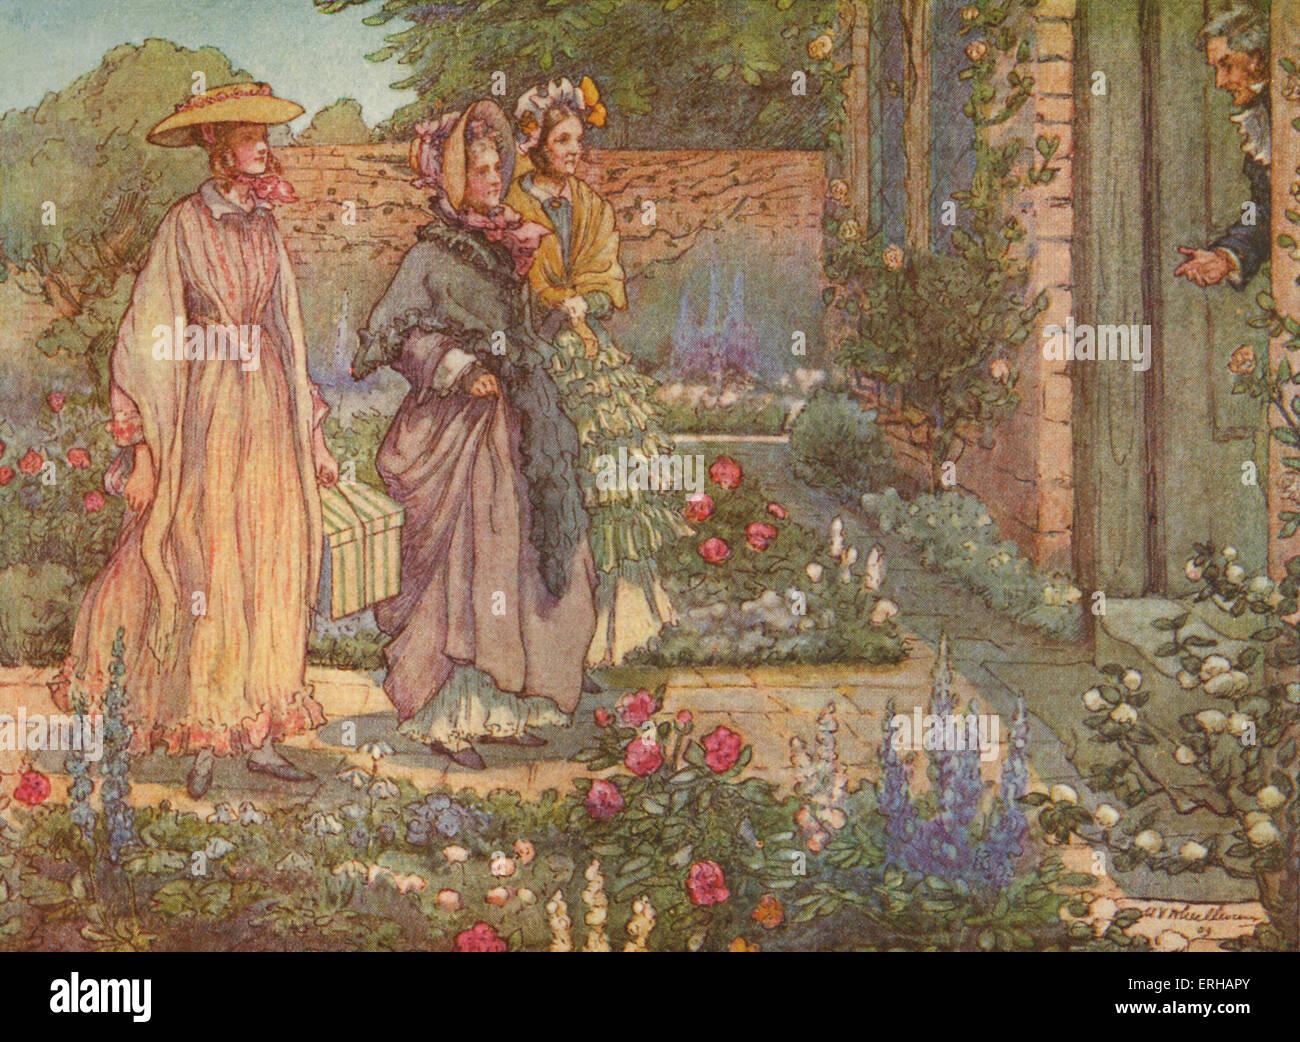 Cranford von Elizabeth Gaskell. Illustrationen von M V Steuerhaus (1895-1933). Bildunterschrift lautet: nur dann Stockbild